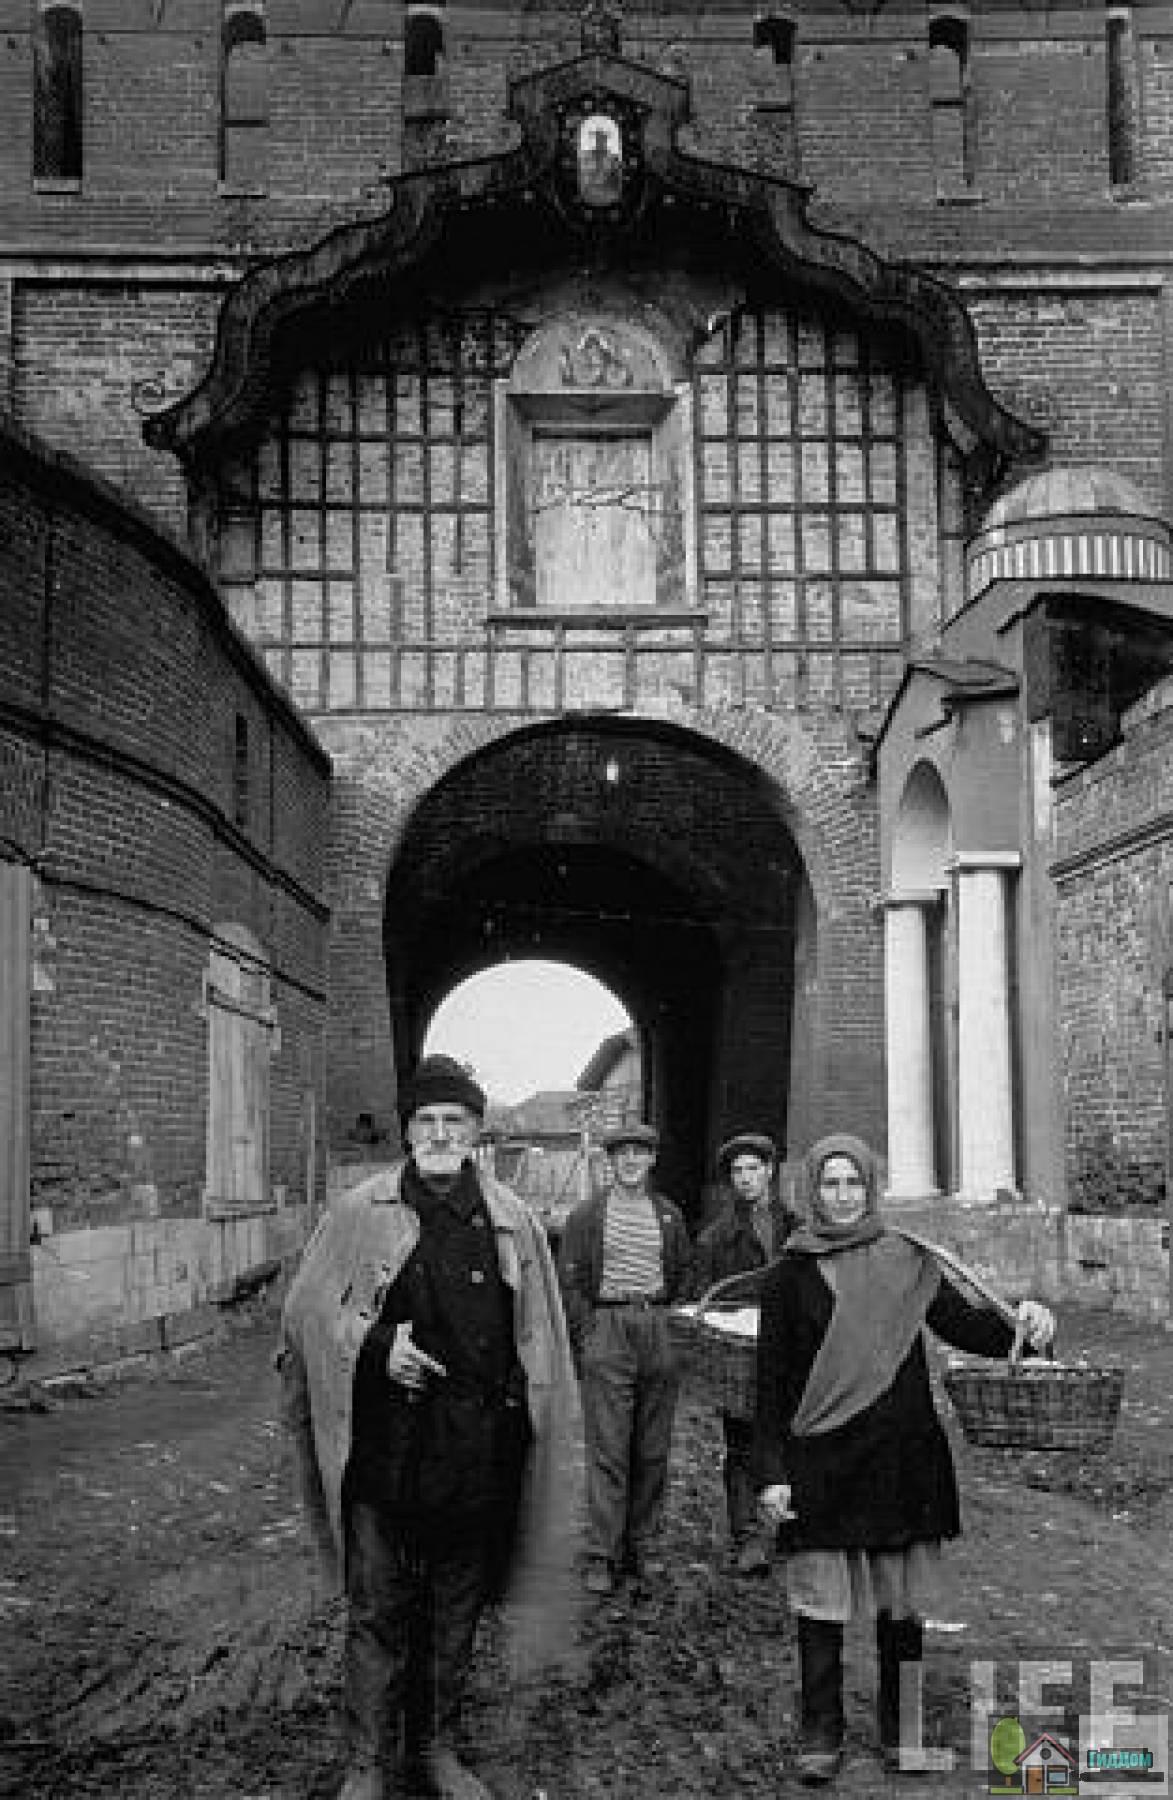 Пятницкие ворота. Фото из американского журнала